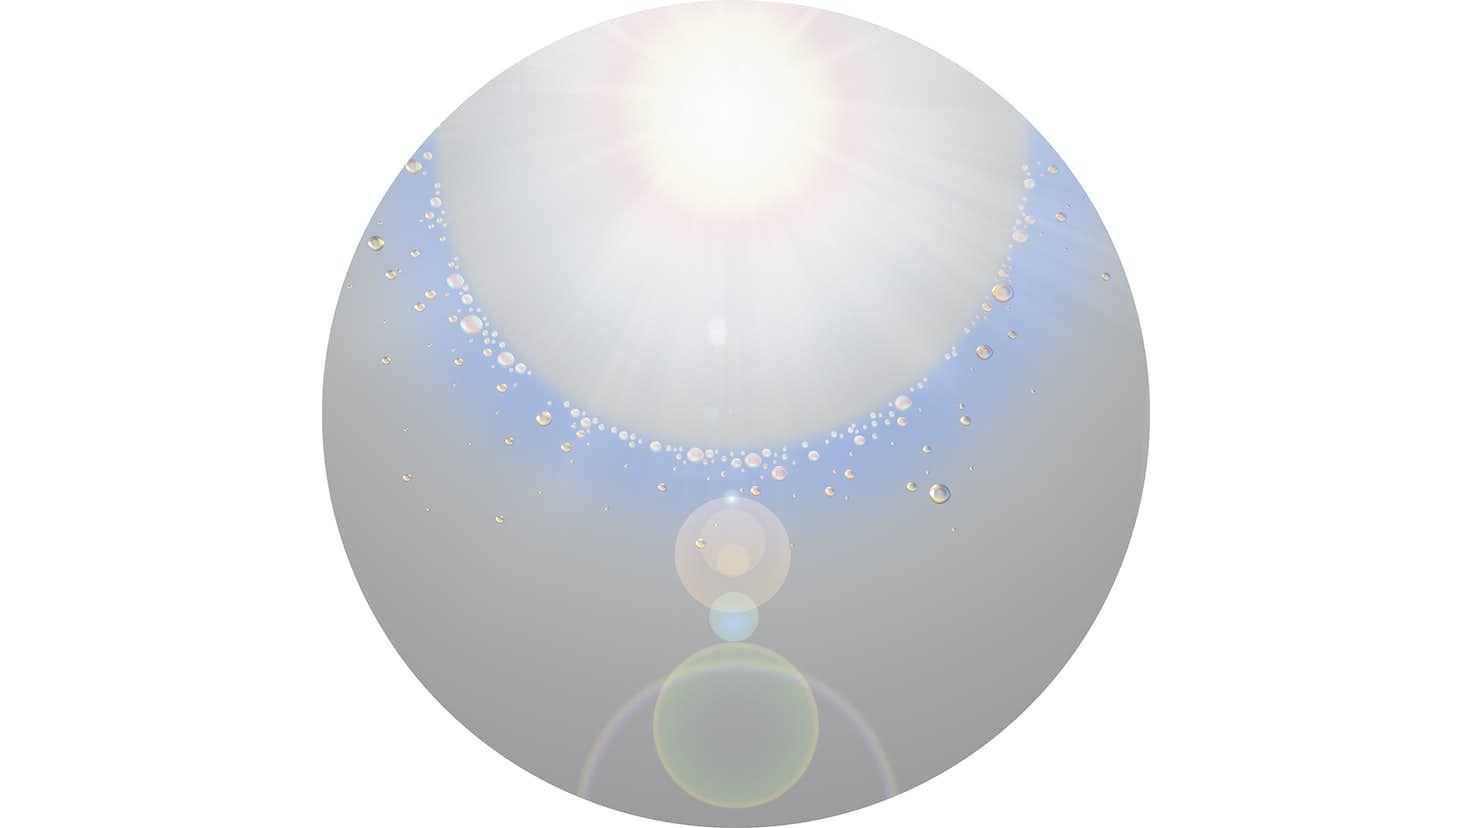 現代の神性を司る光のモニュメントとは。森万里子の個展「Central」がSCAI THE BATHHOUSEで開催|画像ギャラリー 1/3|美術手帖